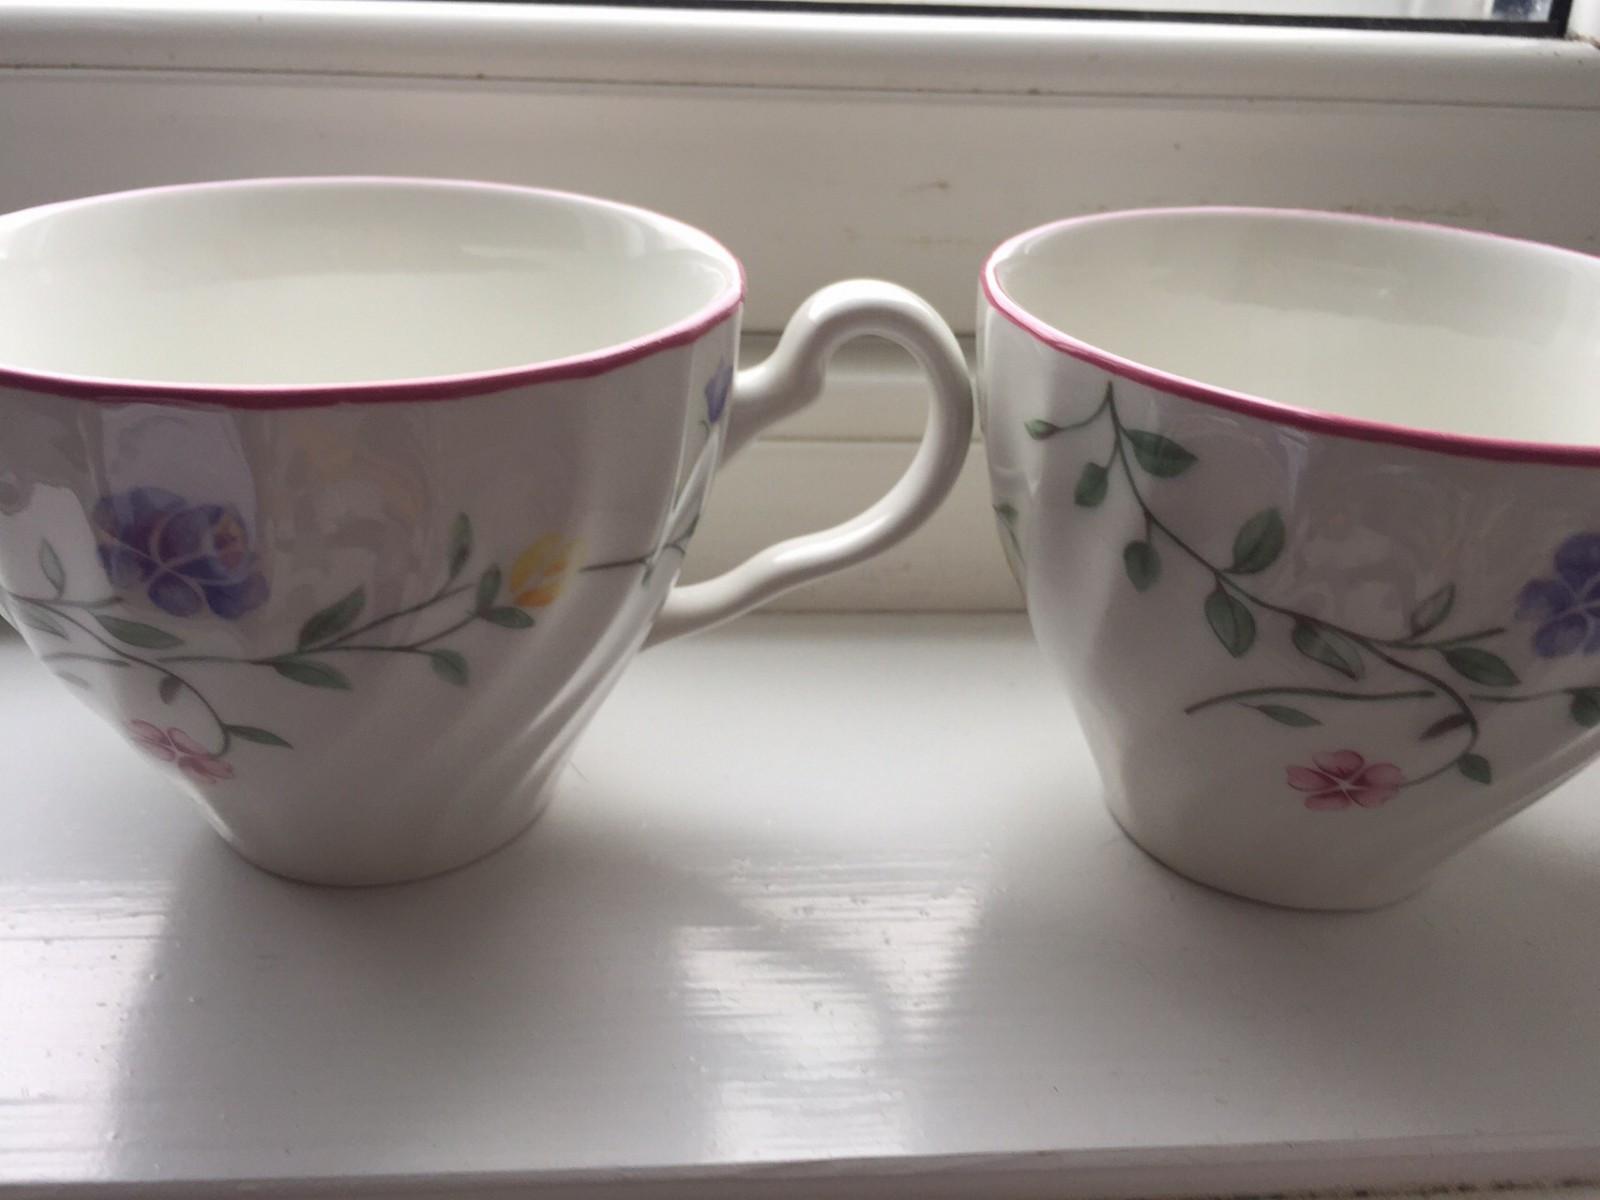 Servis til salgs! KUN 150kr for ALT! 8 stk kopper/ tallerkener osv - Mandal  - Søtt servis til salgs! :-)  8 kopper   8 små tallerkener til å ha koppen på  8 tallerkener   KUN 150kr for ALT!    Send meg en melding/ mail :-) &# - Mandal